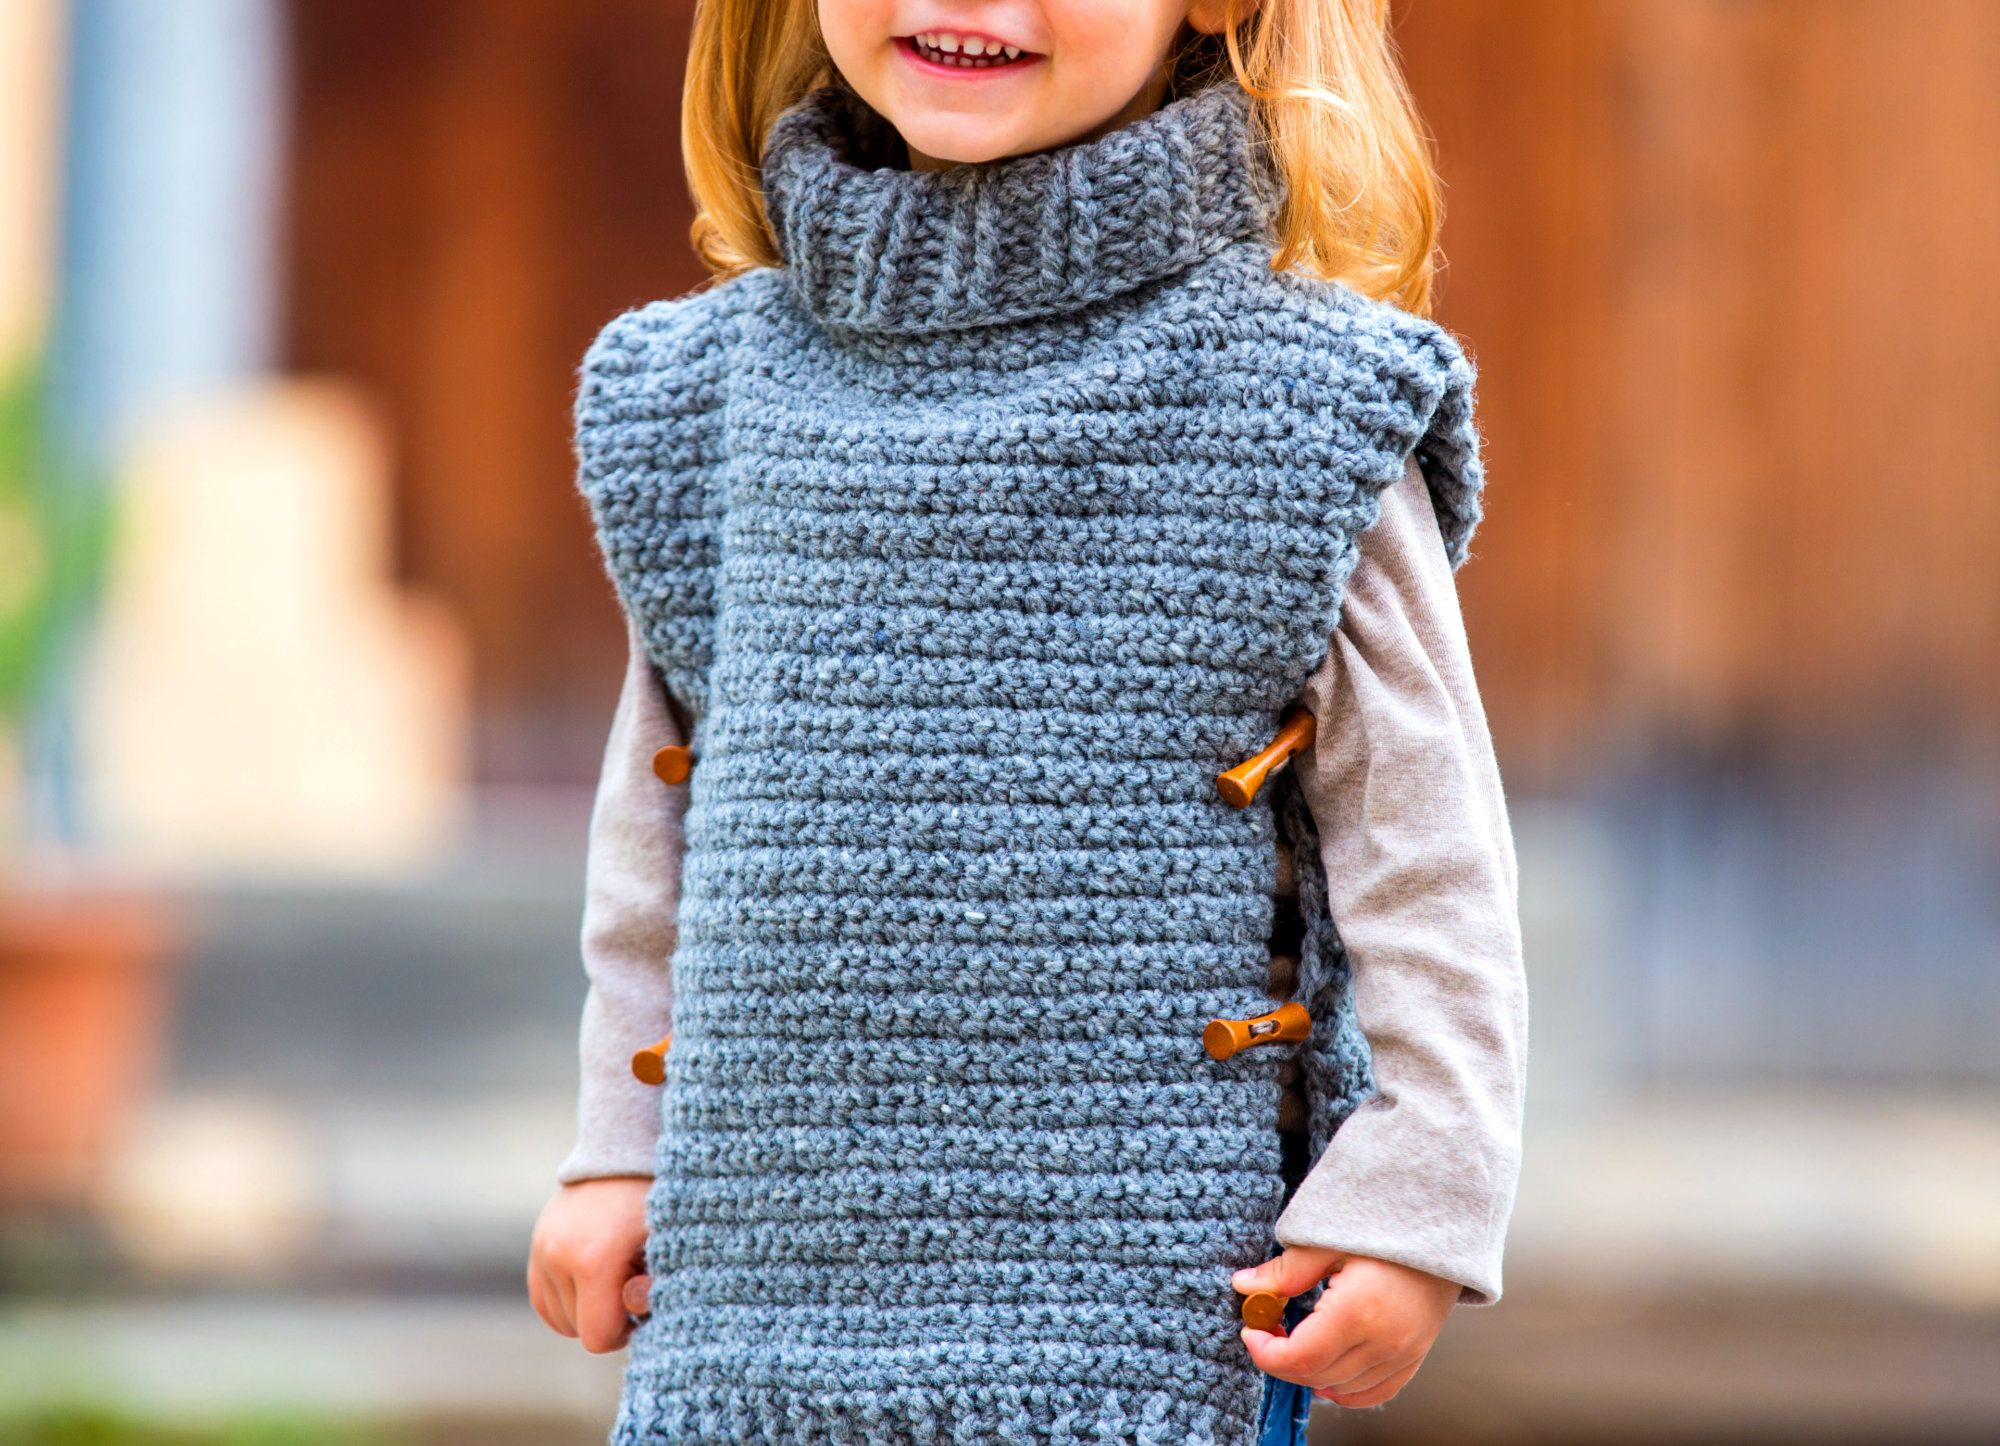 Warmer Tweed Poncho Für Kinder Stricken Pinterest Knitting